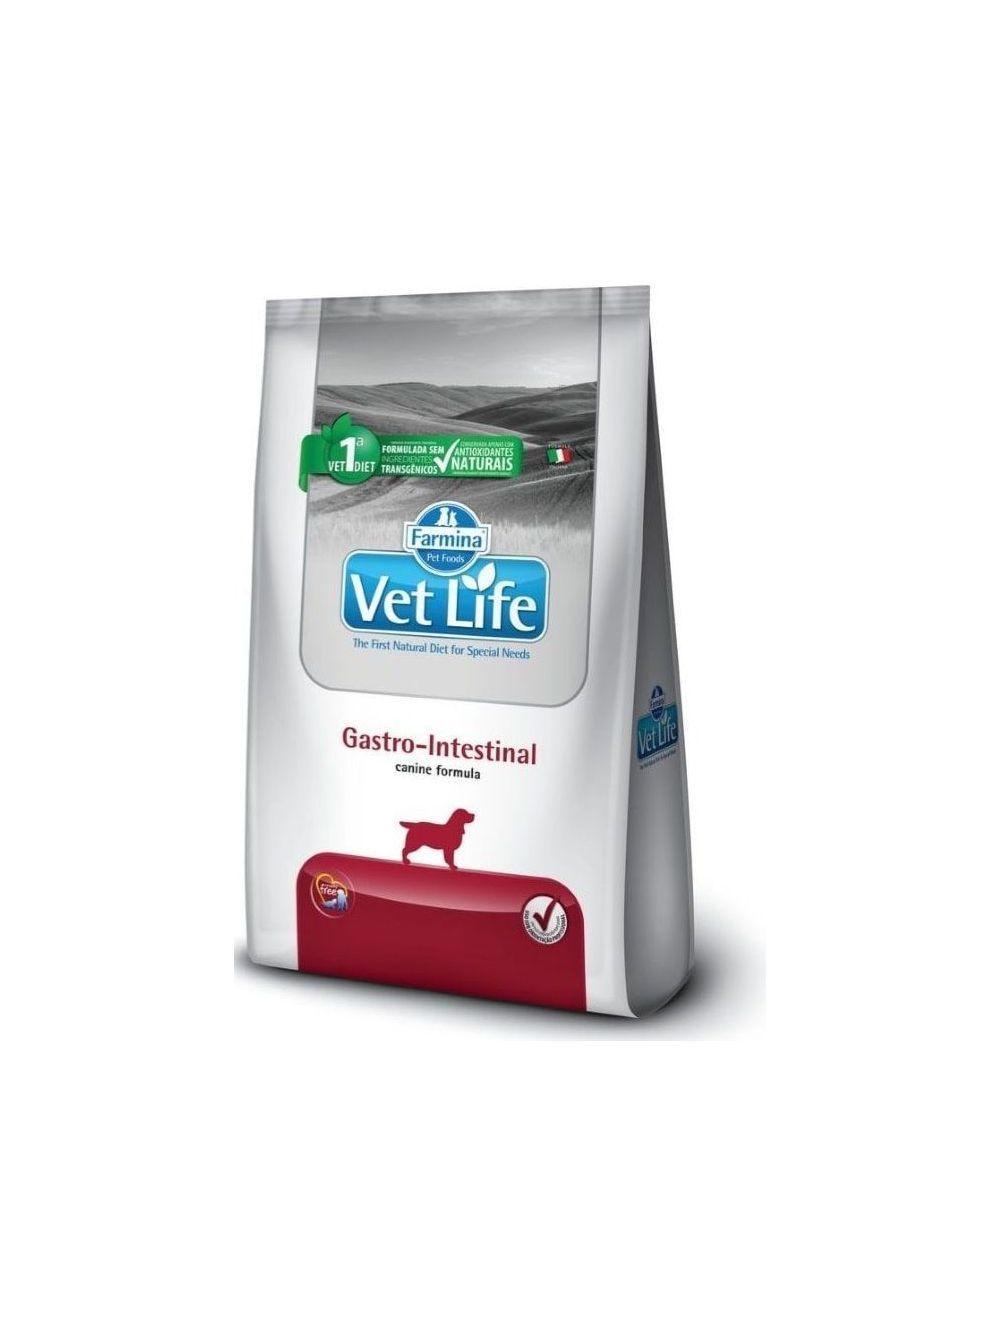 Comida para perro Vet Life Gastrointestinal-Ciudaddemascotas.com